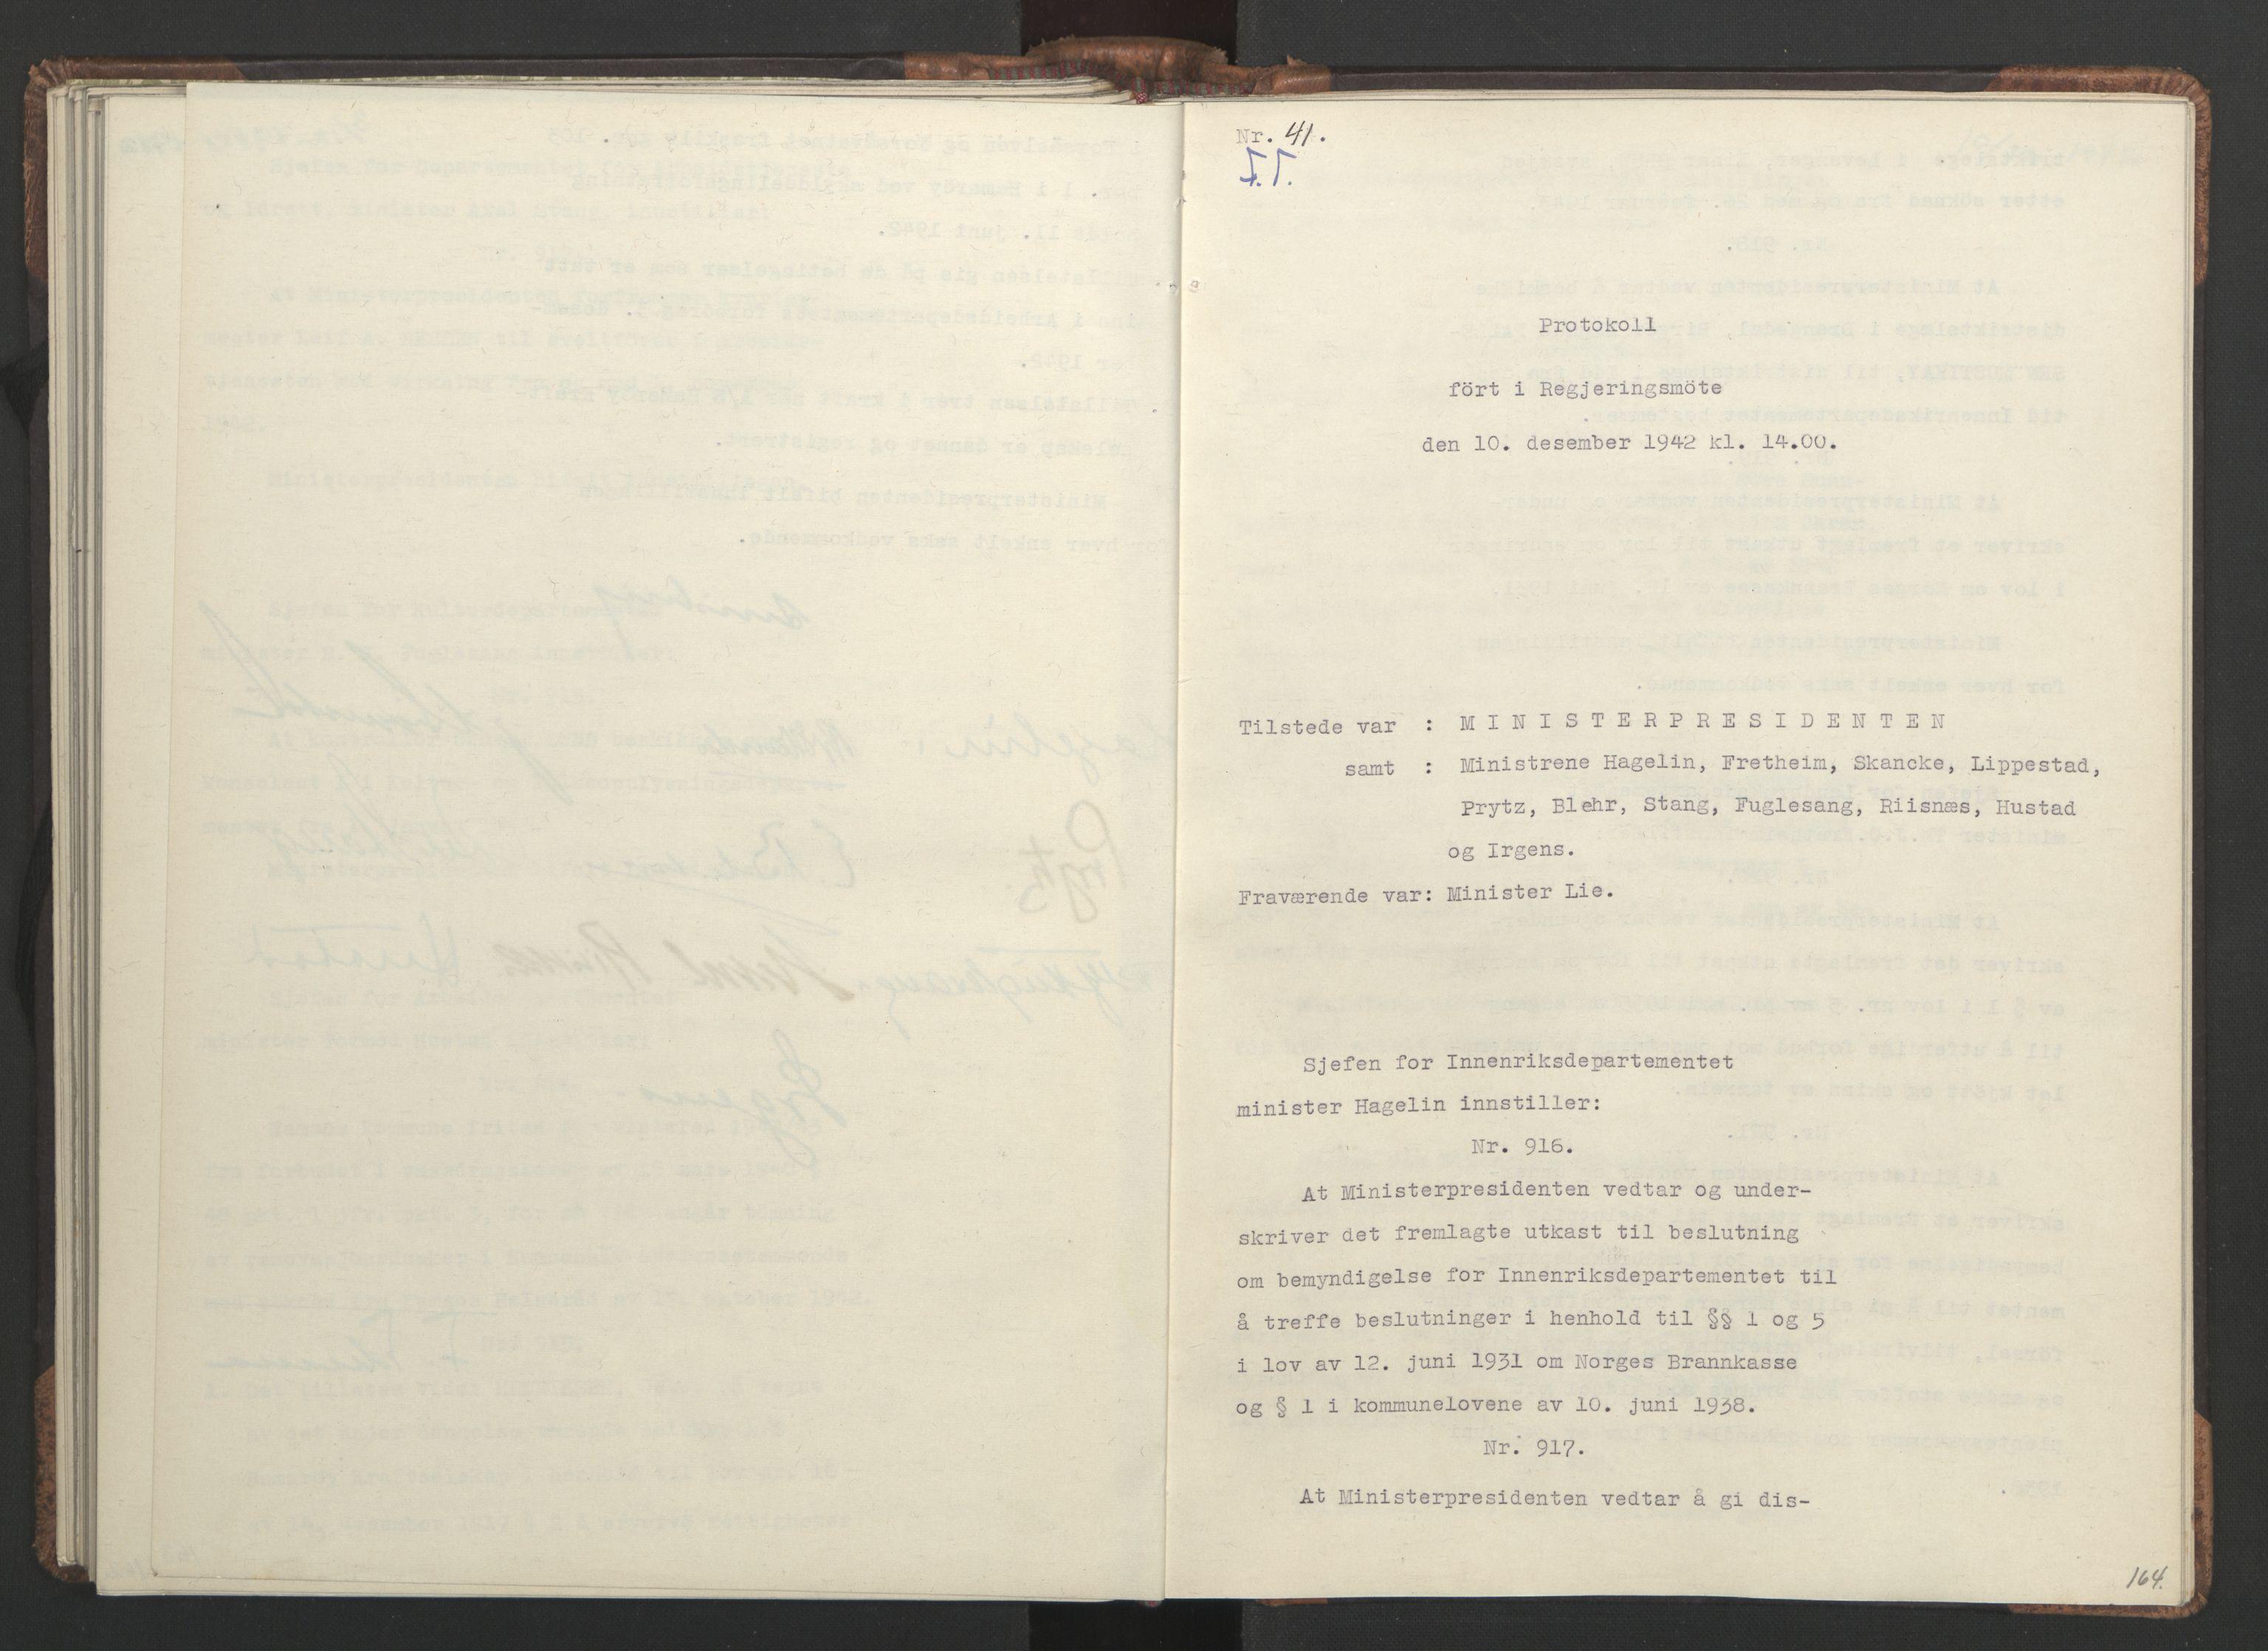 RA, NS-administrasjonen 1940-1945 (Statsrådsekretariatet, de kommisariske statsråder mm), D/Da/L0001: Beslutninger og tillegg (1-952 og 1-32), 1942, s. 163b-164a